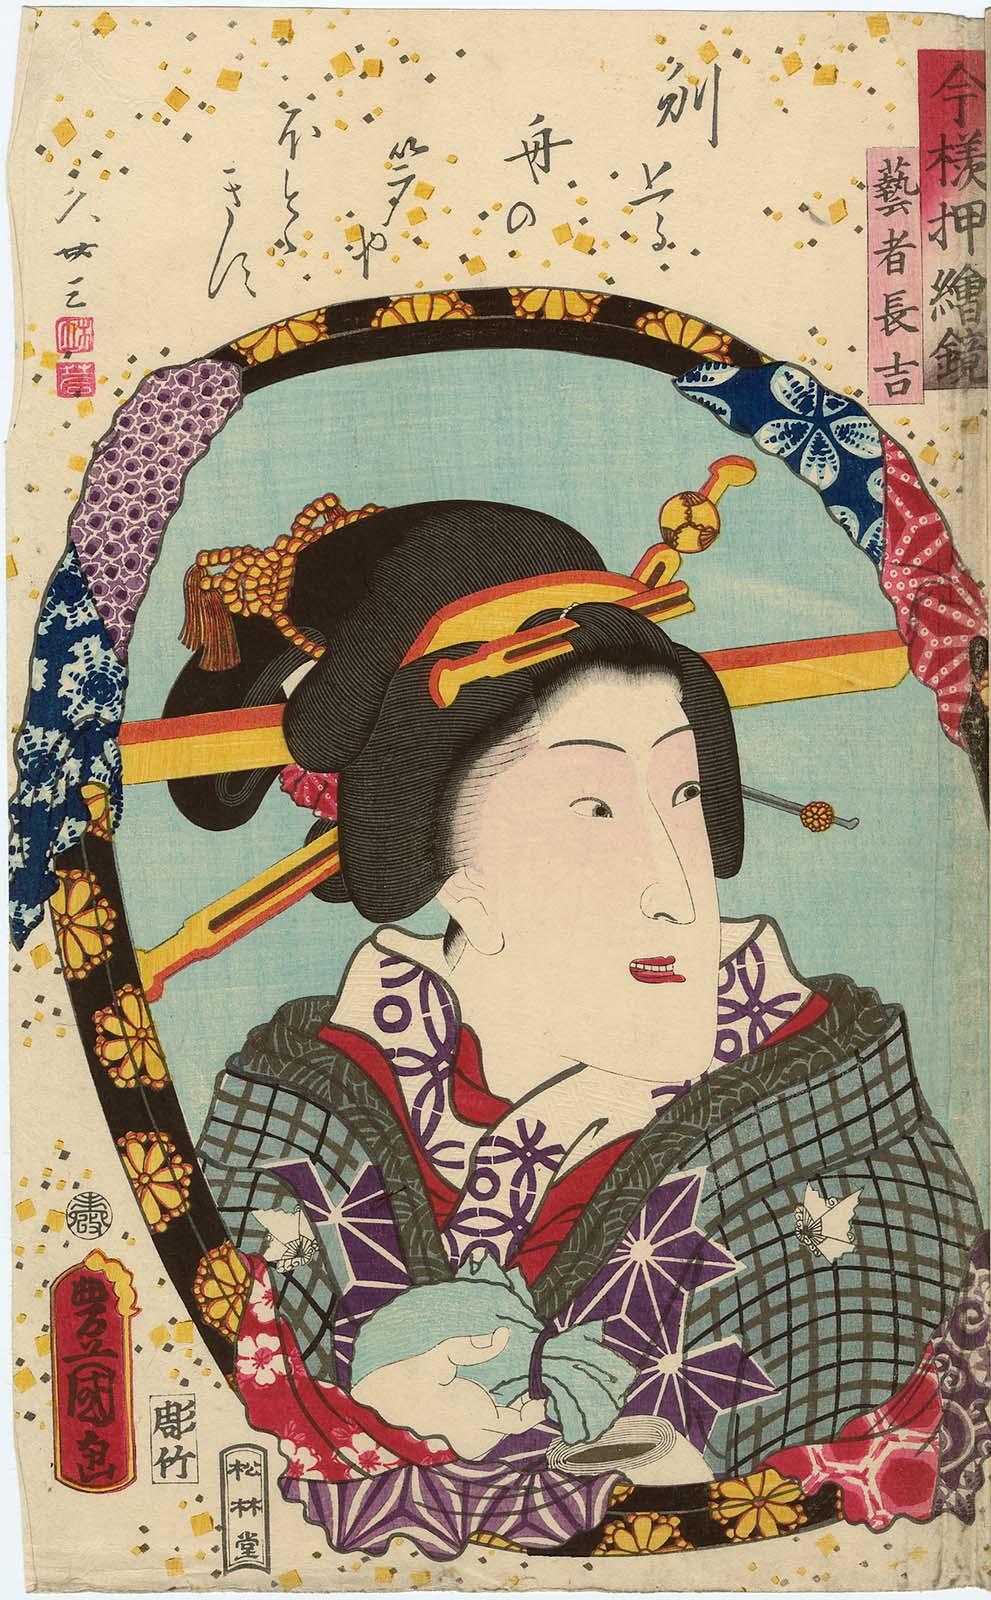 Actor Iwai Kumesaburô III As The Geisha Chôkichi, From The